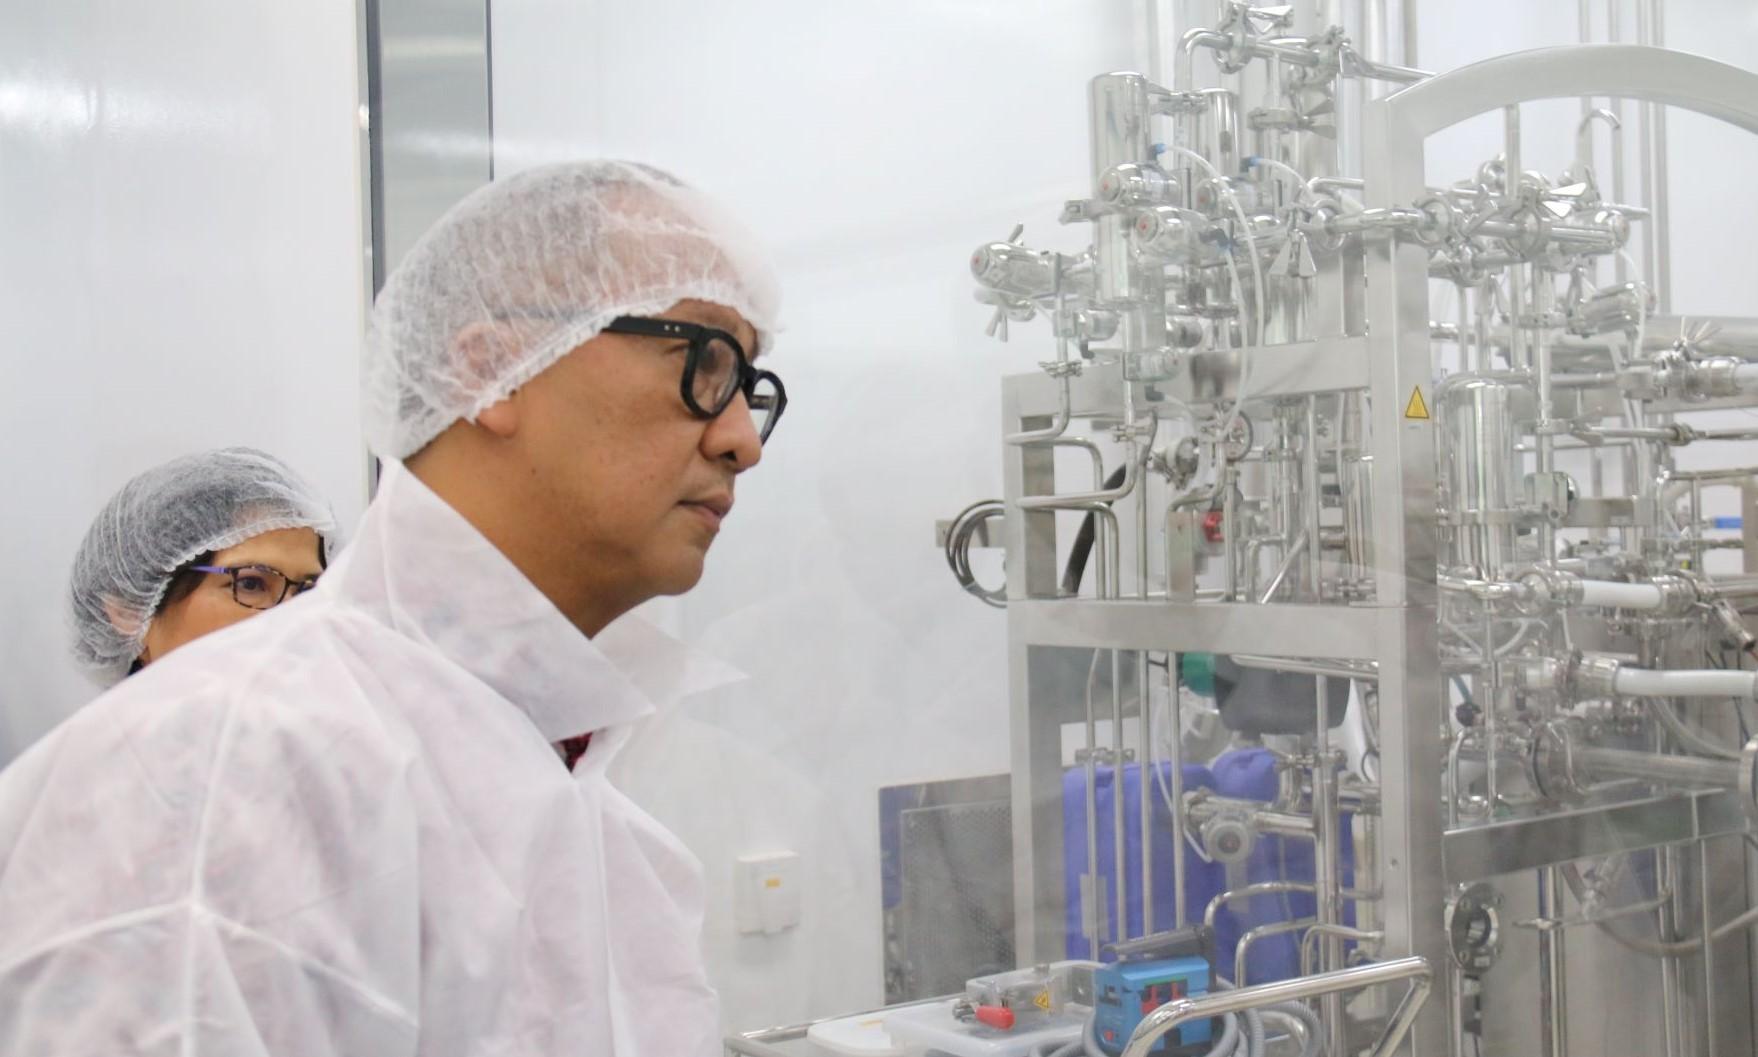 60 Persen Bahan Baku Dari China, Menperin Agus Gumiwang Sebut Farmasi Terdampak Corona